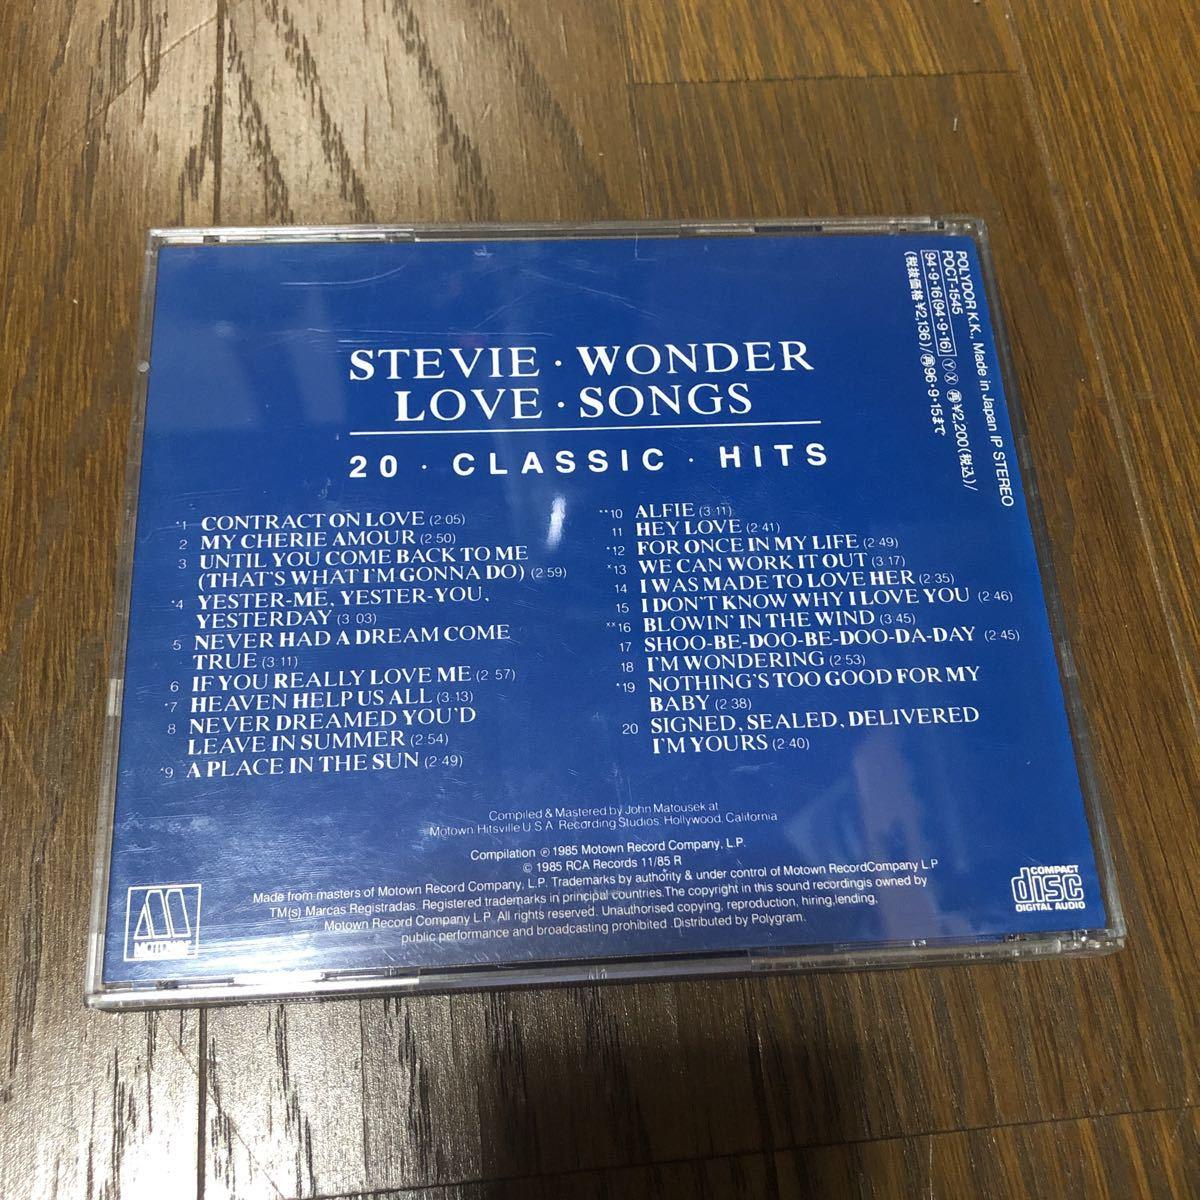 スティーヴィー・ワンダー ラヴ・ソング 国内盤CD